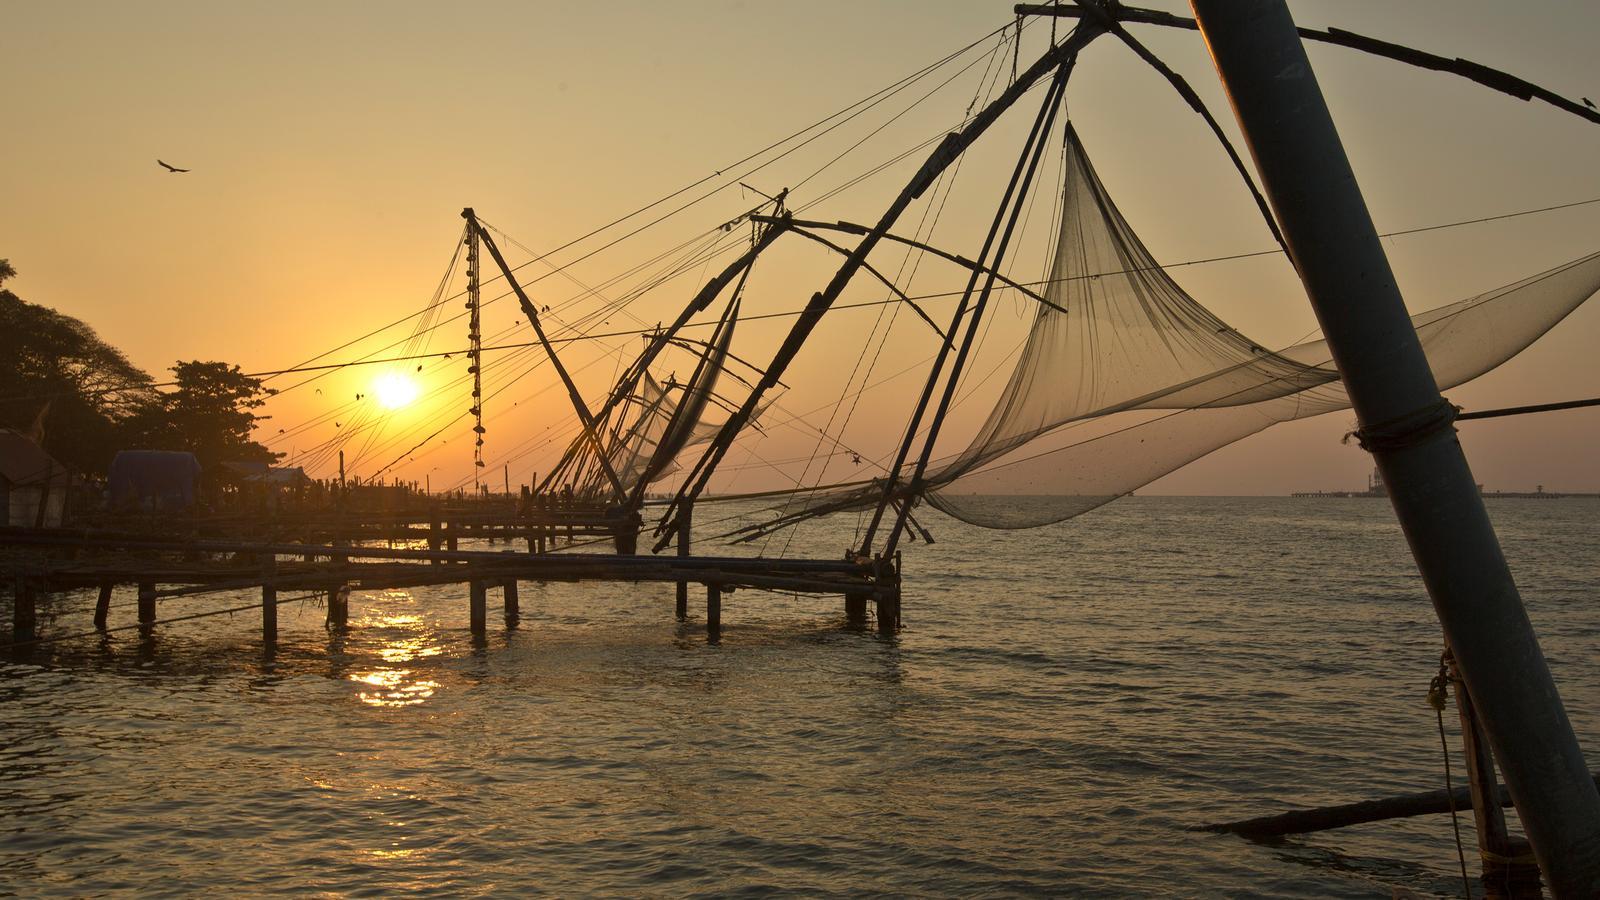 Sri Lanka und Indien Reise für junge Leute Asien preiswert reisen traveljunkies